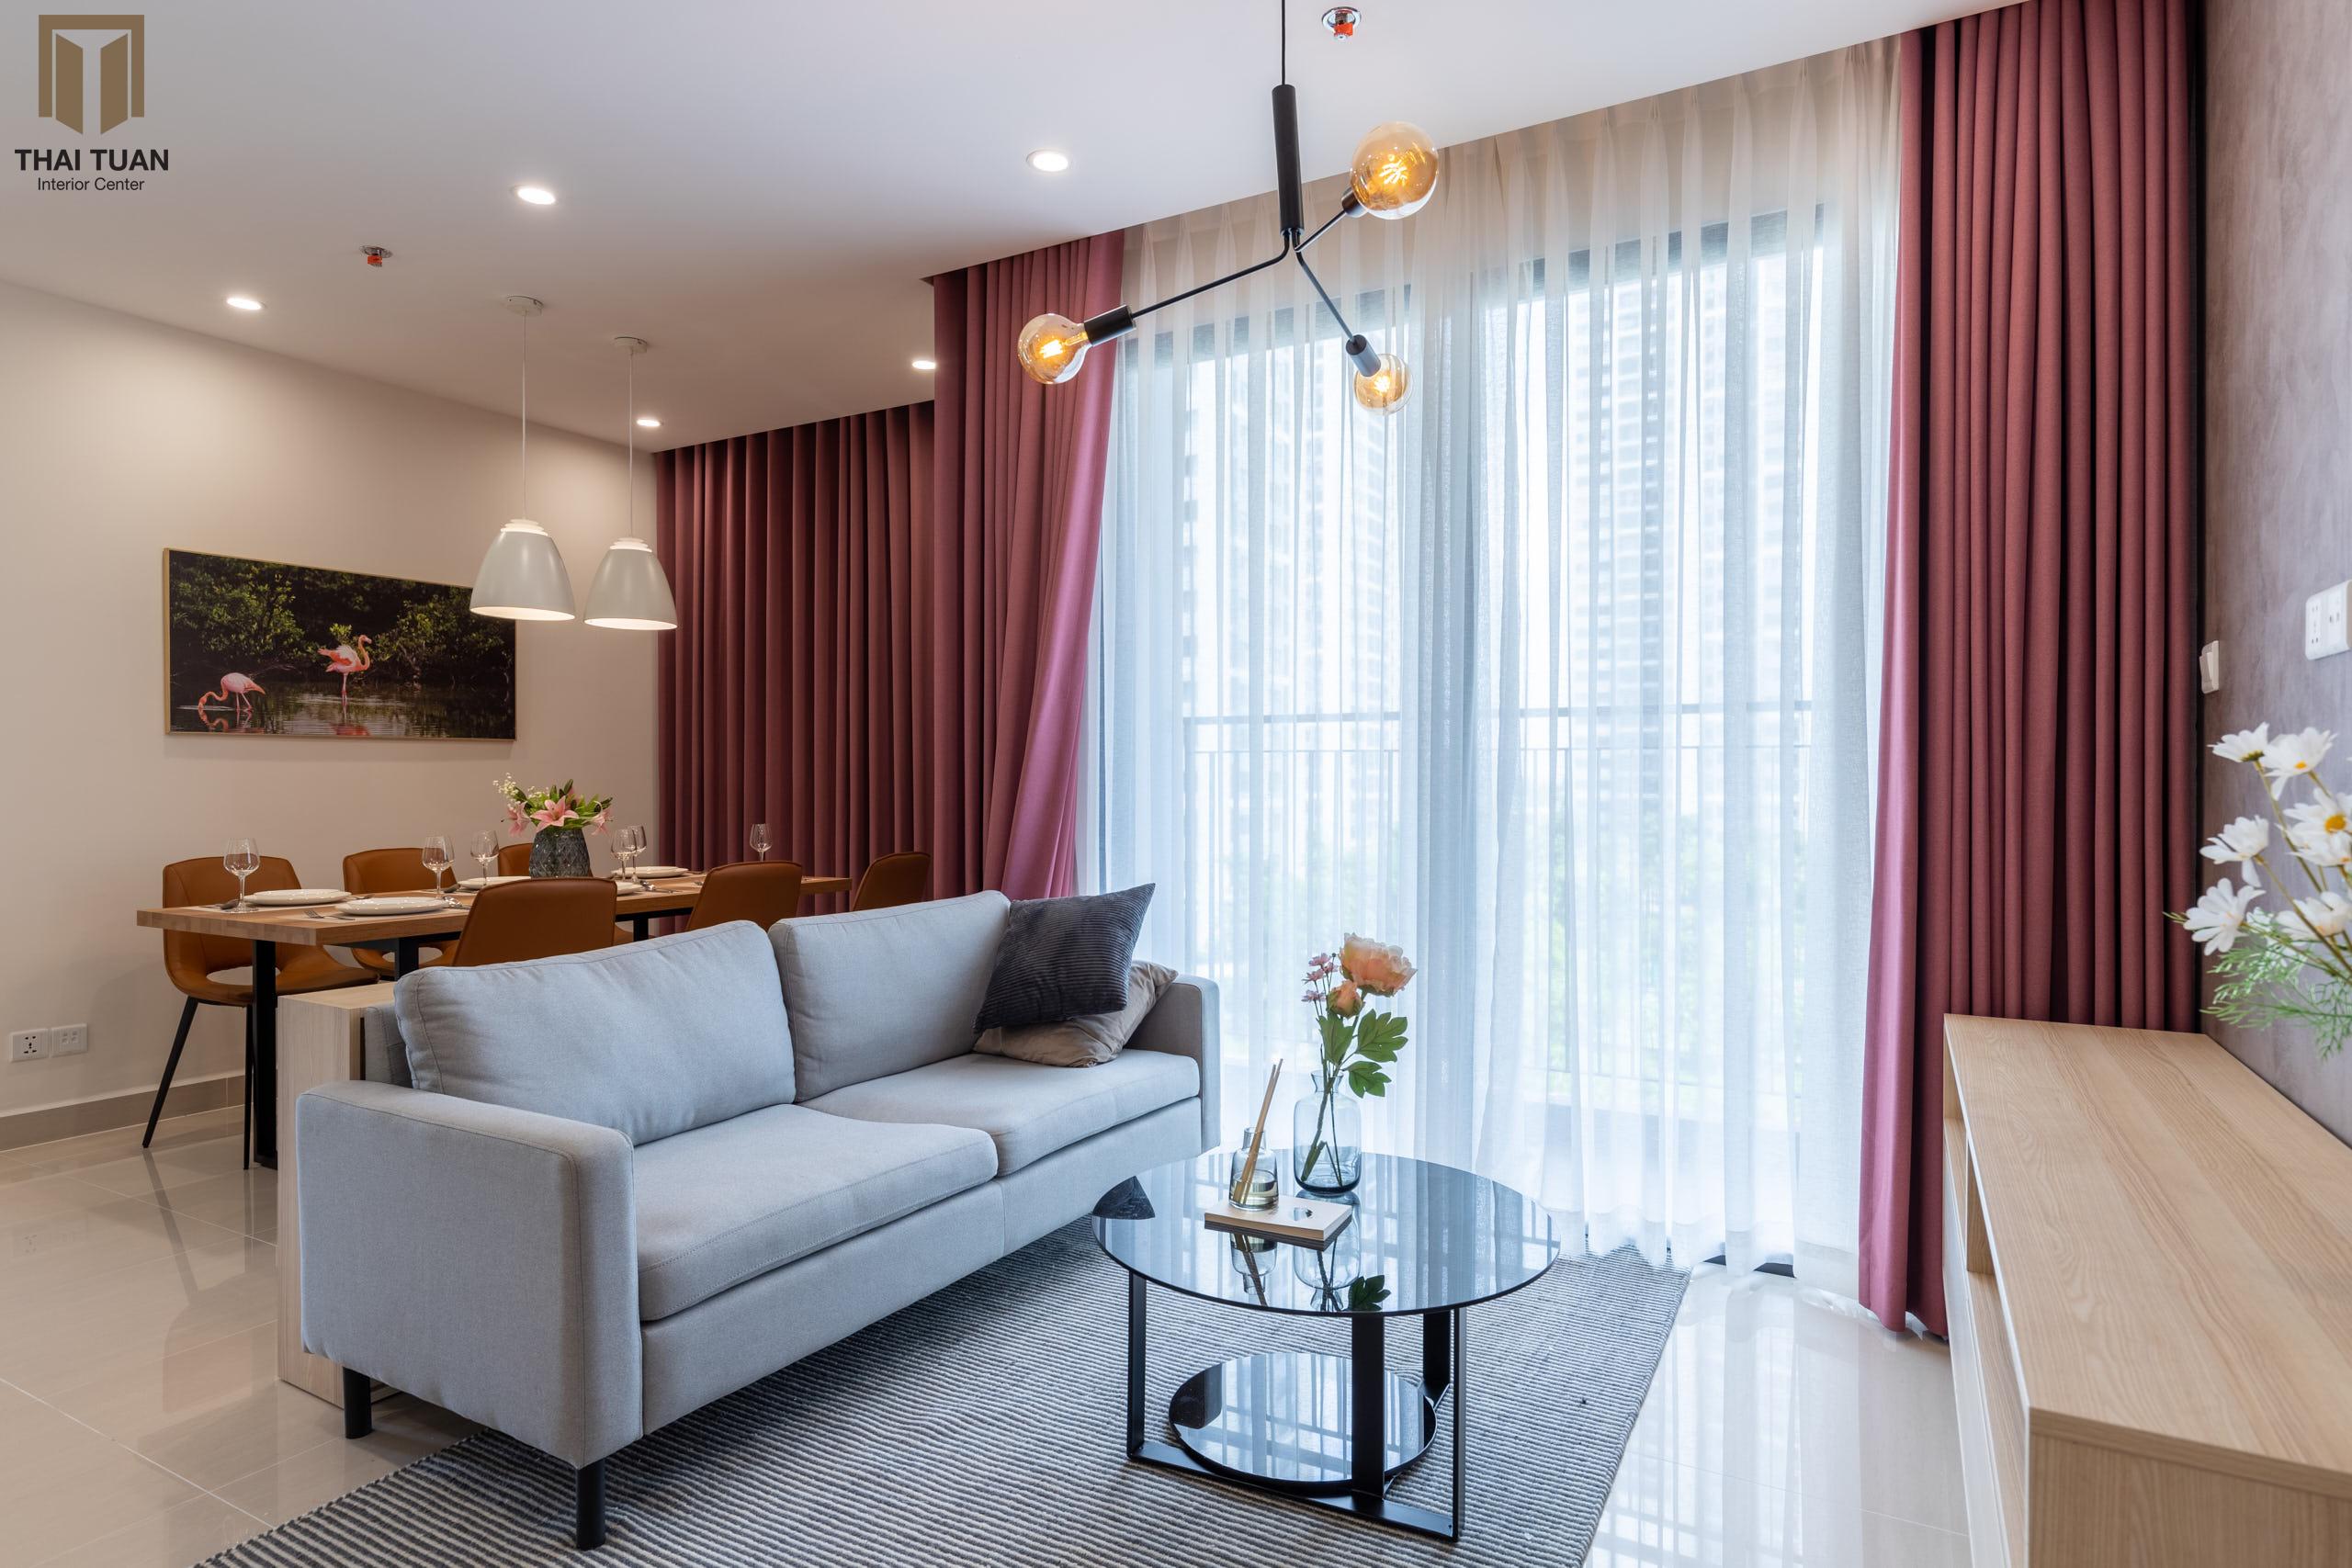 Phòng khách với sofa xám nhạt làm điểm nhấn